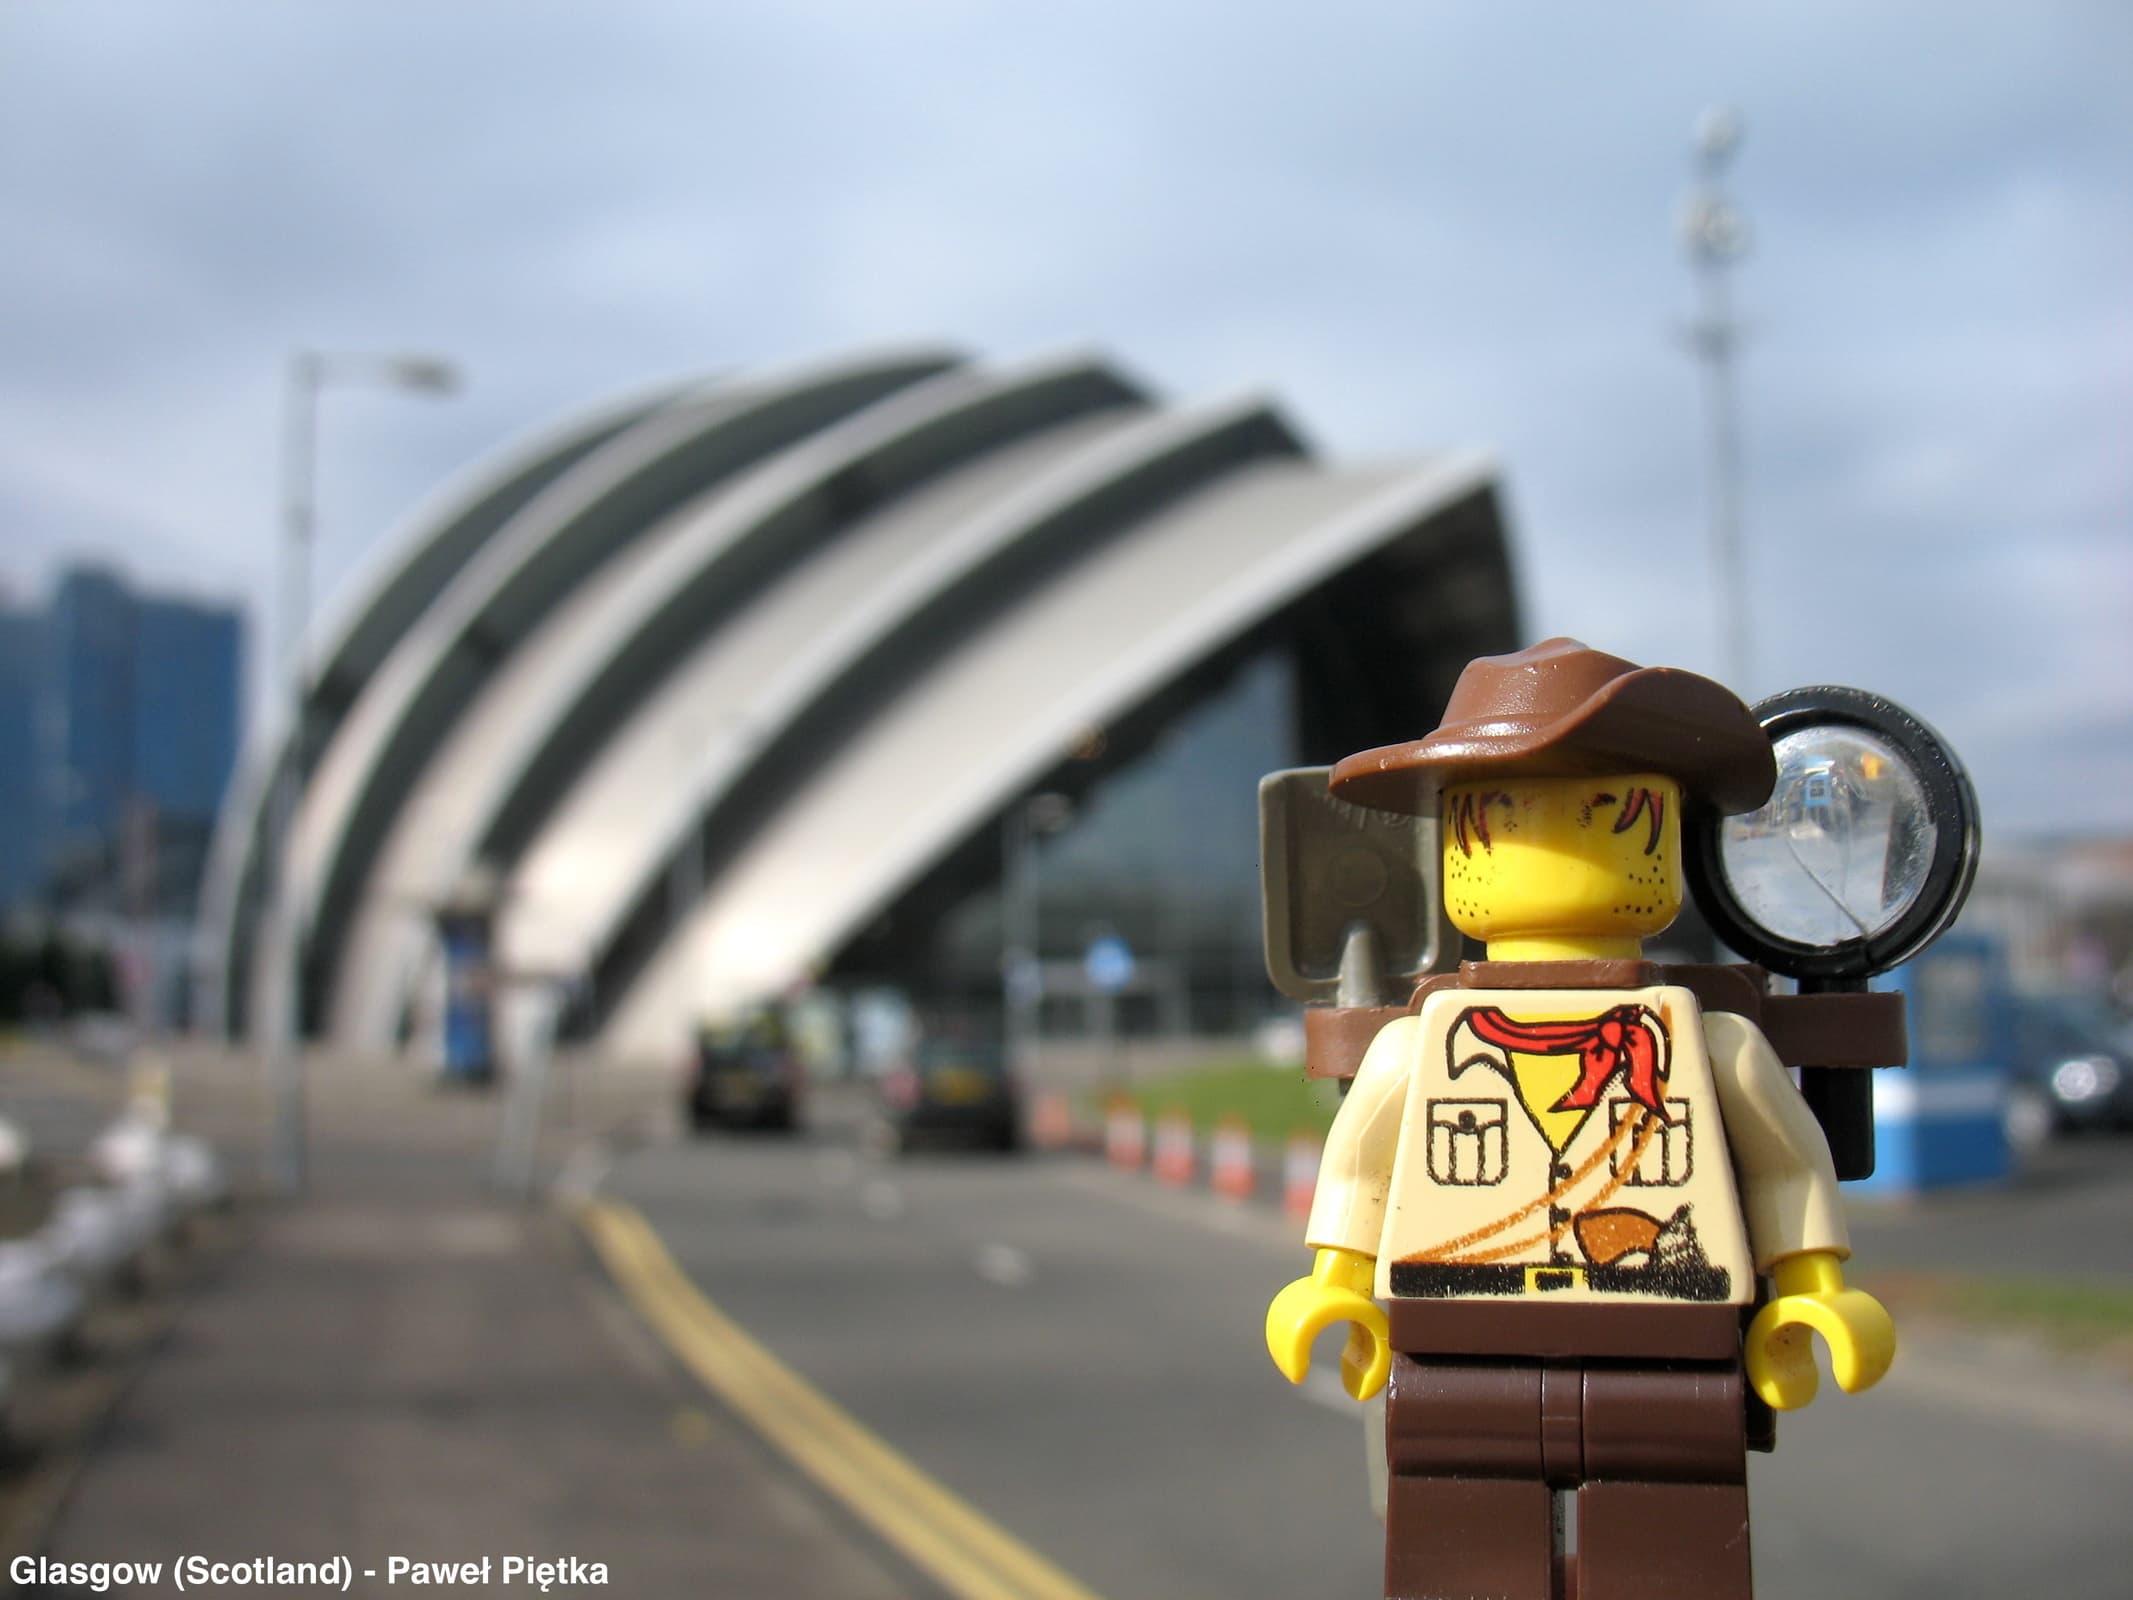 Glasgow (Scotland) - Clyde Auditorium Armadillo